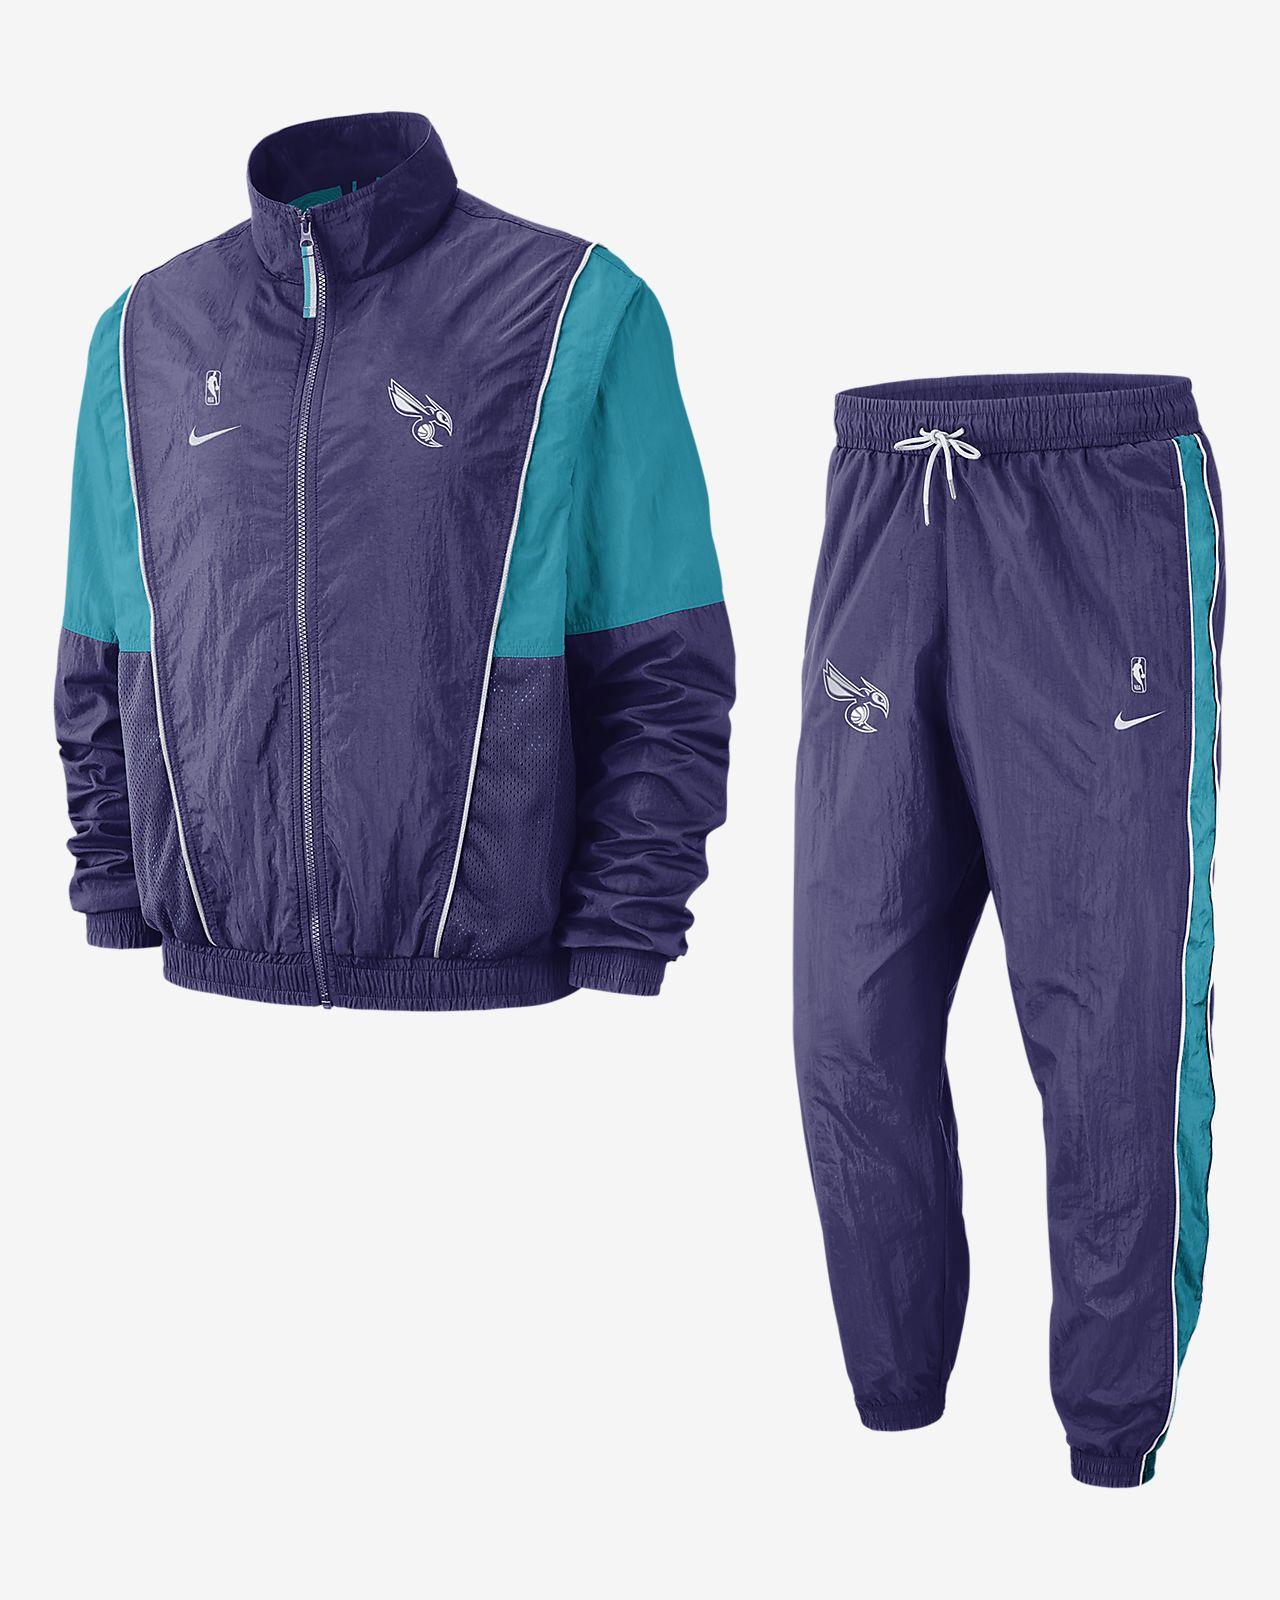 Charlotte Hornets Nike Men's NBA Tracksuit